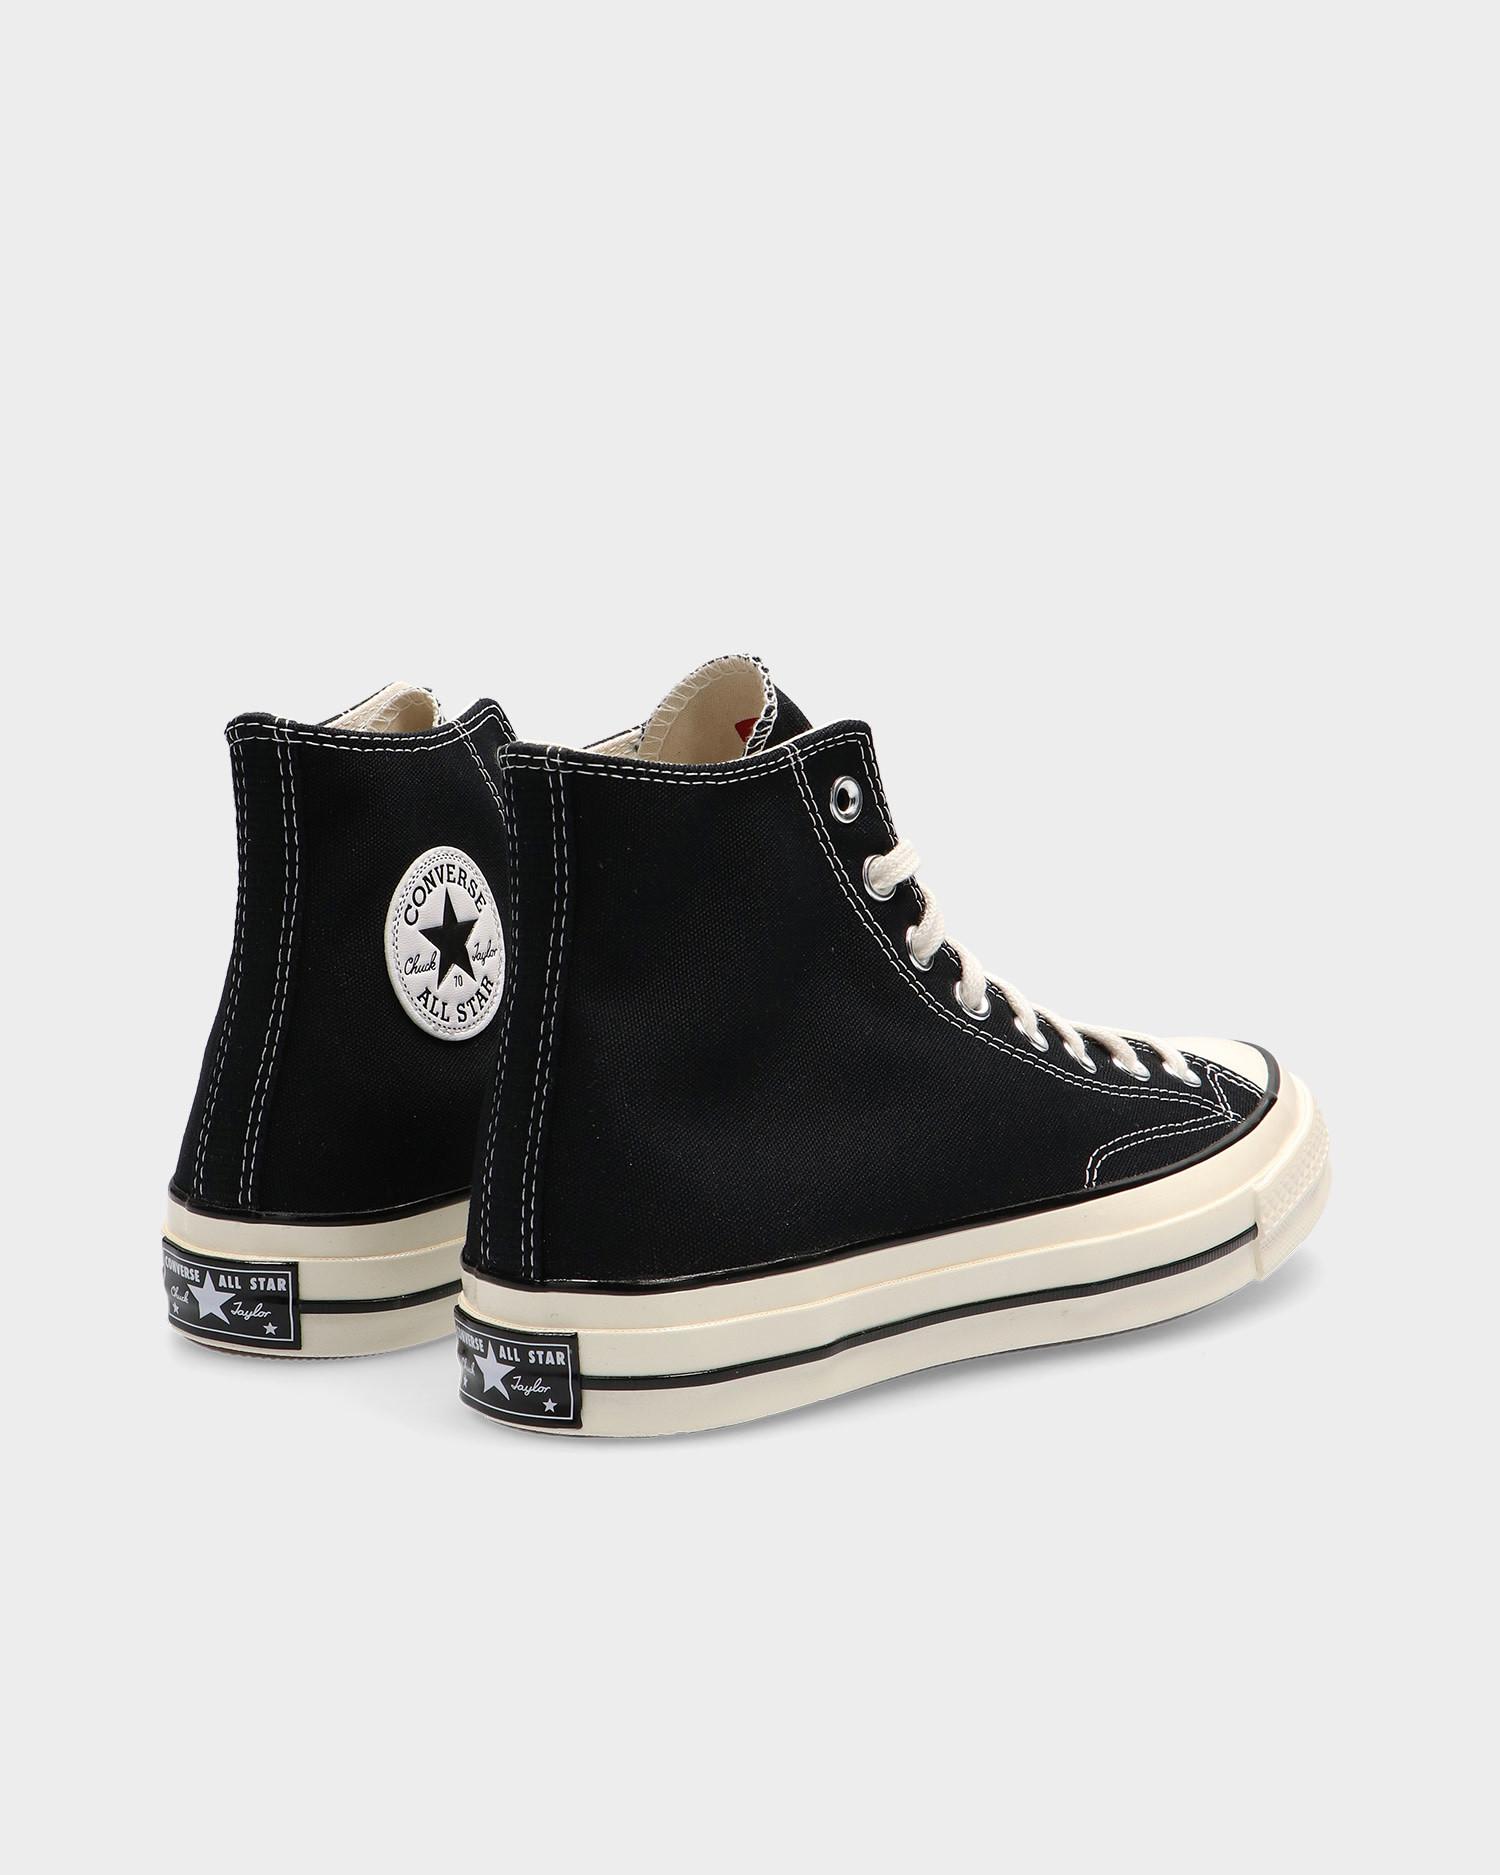 Converse Chuck 70 Hi Black/Black/Egret